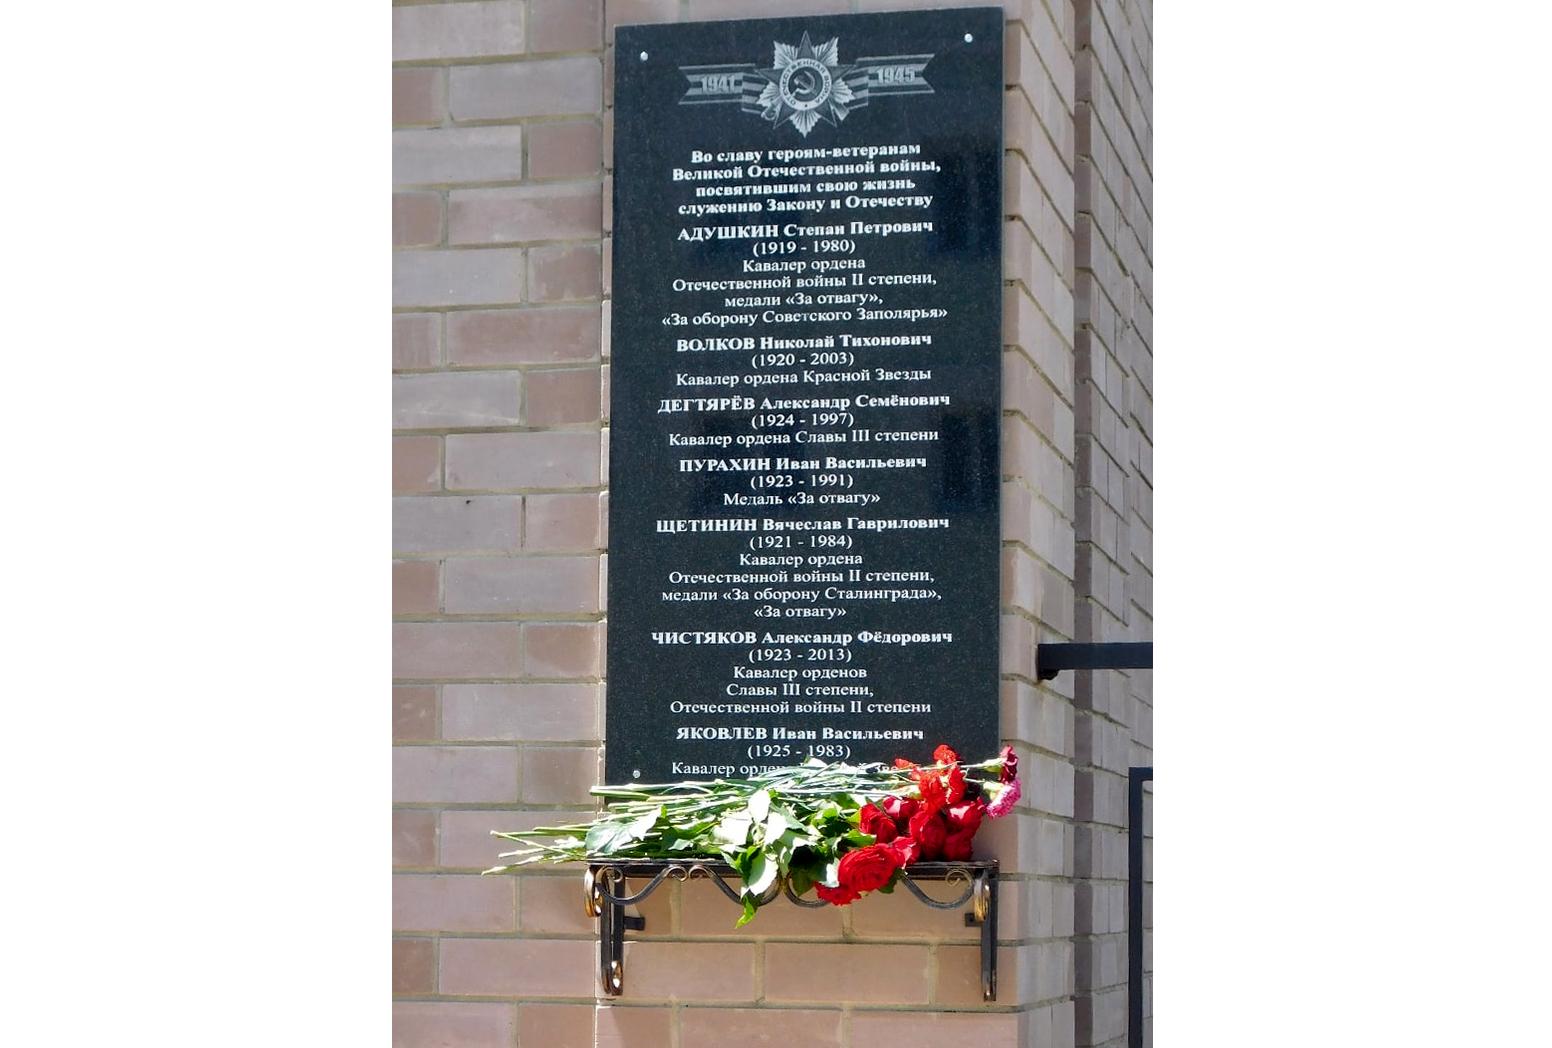 В Тамбове сотрудники следственного управления за собственные деньги установили памятную доску ветеранам следствия – участникам Великой Отечественной войны